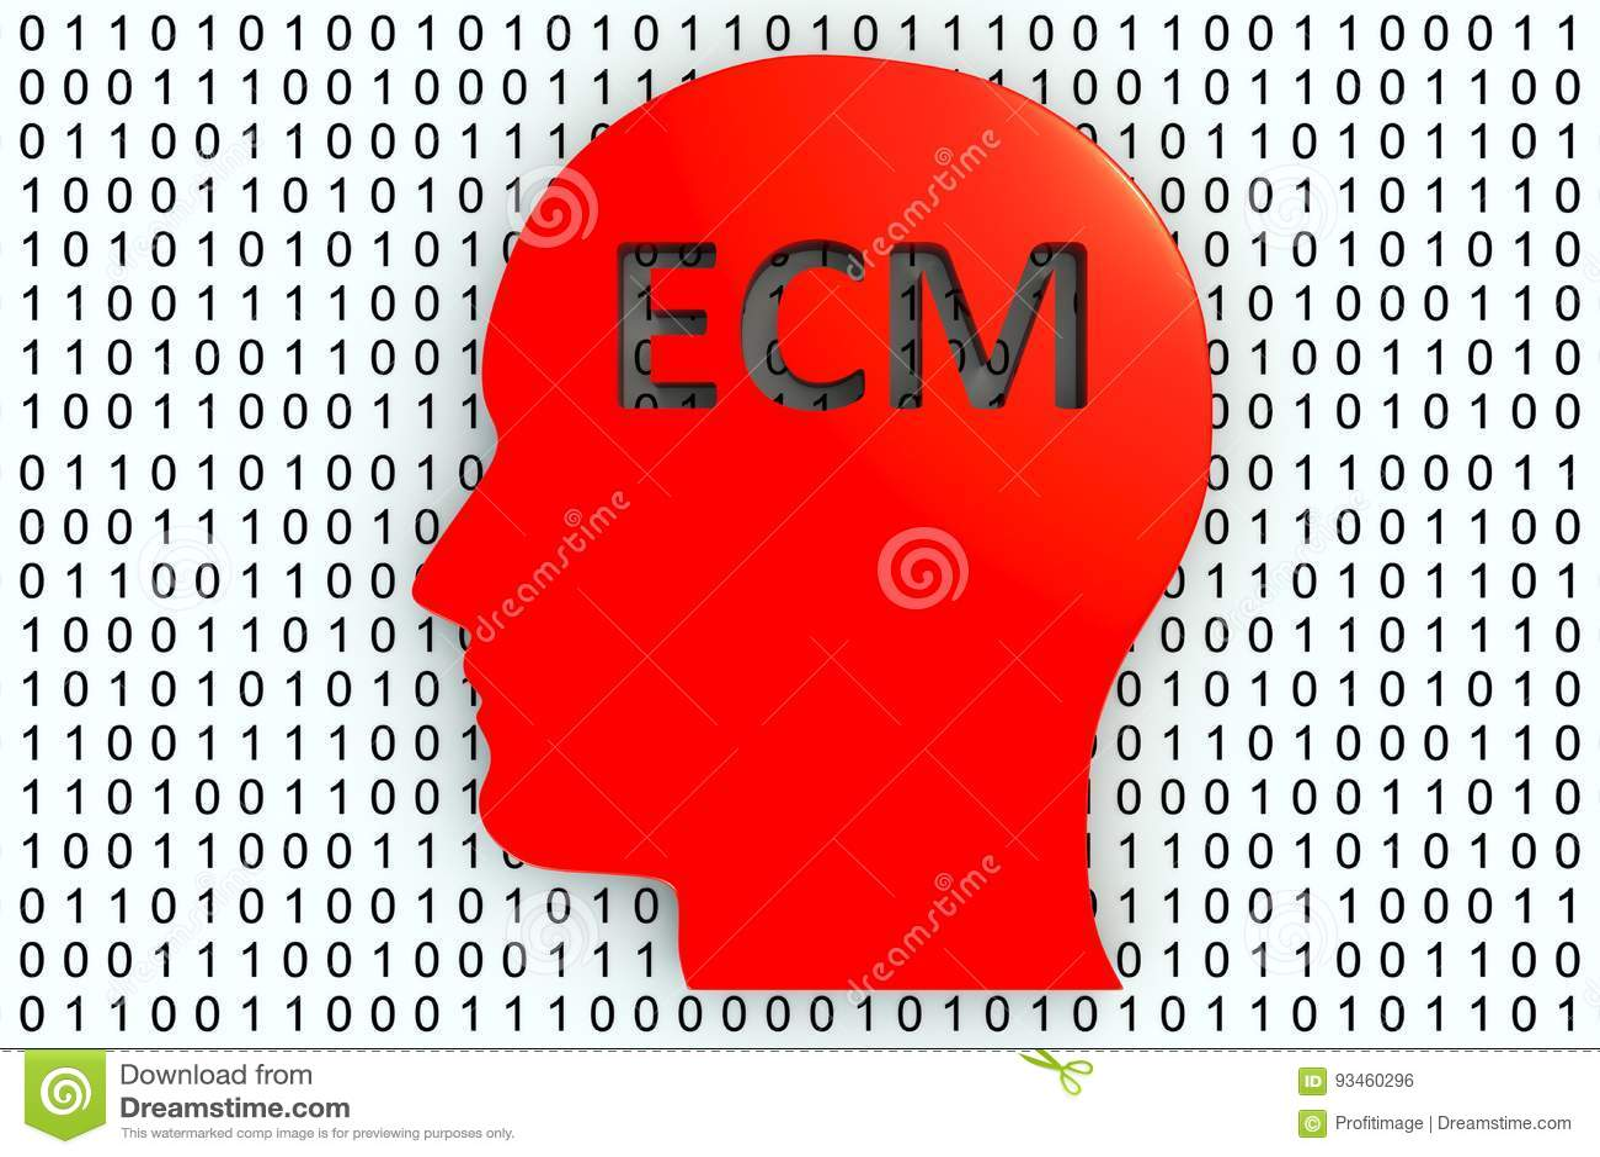 Ecm Stock Illustrations - 21 Ecm Stock Illustrations, Vectors & Clipart - Dreamstime - 웹